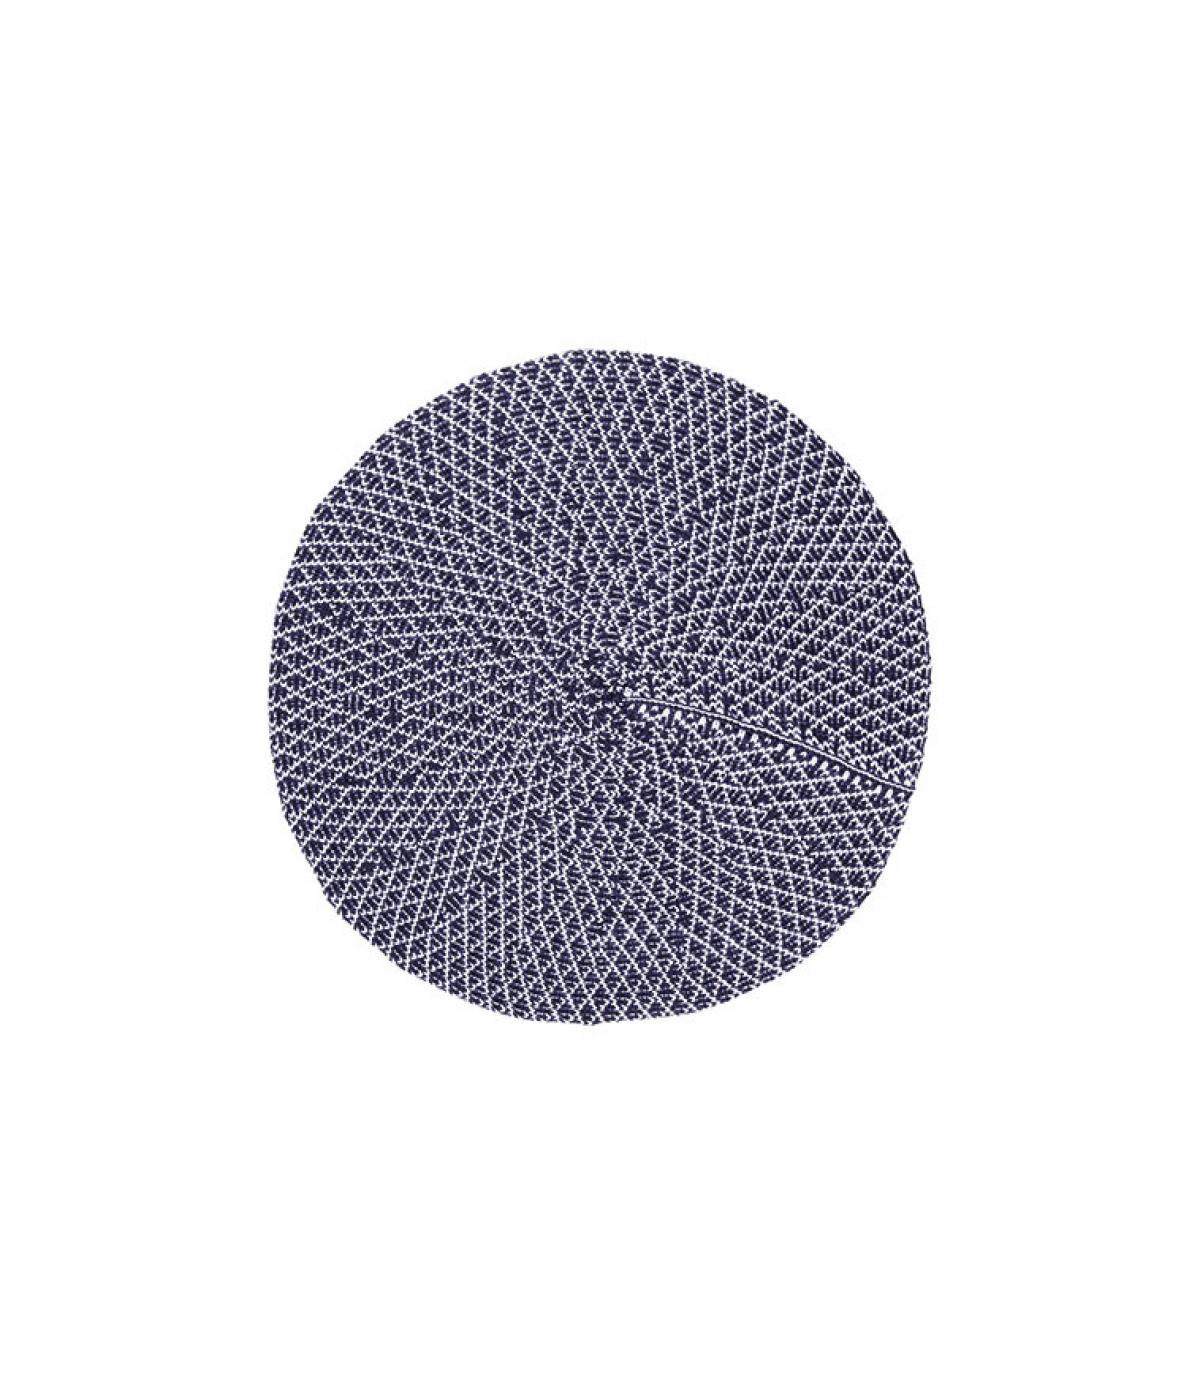 blue white cotton beret Laulhère